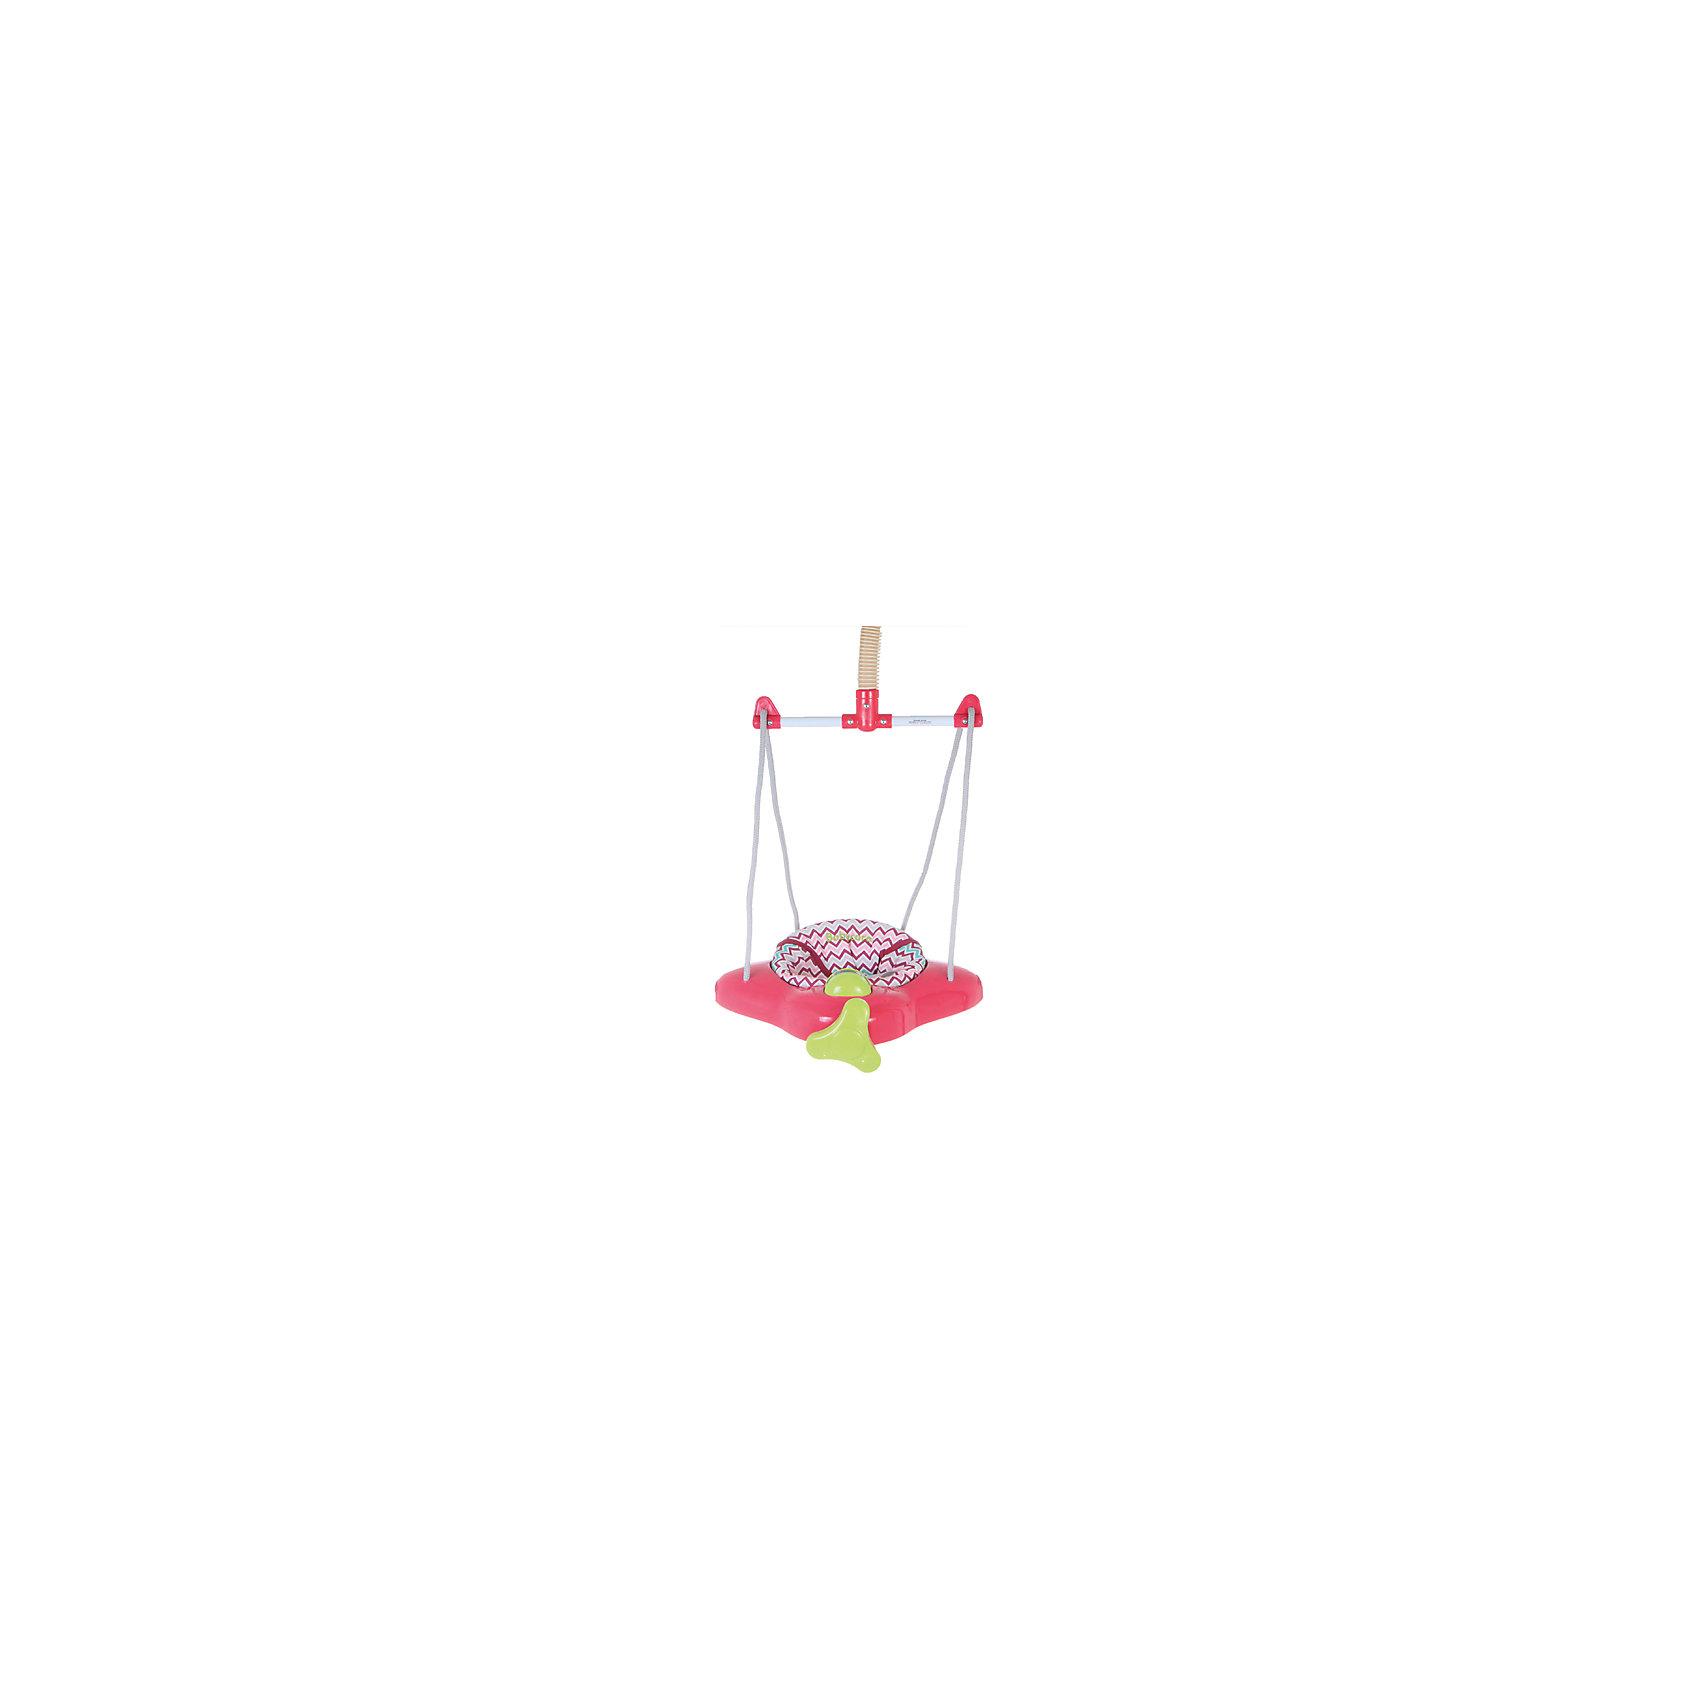 Прыгунки Aero, Baby Care, Raspberry StripeПрыгунки<br>Aero, Baby Care (Беби Кэа) – замечательные прыгунки, которые принесут столько радости малышу! С ними кроха научится прыгать, ориентироваться в пространстве и будет прекрасно развивать моторику ножек. Яркие и красивые прыгунки в виде забавного вертолетика легко и надежно крепятся в дверной проем. А механизм крепления фонендоскоп помогает надежно зафиксировать прыгунки. Дополнительным плюсом является то, что фиксированная пружина позволяет использовать прыгунки в качестве качелей. Вы легко сможете отрегулировать ремешки под рост и вес ребенка и ему будет очень весело и комфортно. Благодаря расположению креплений, сажать малыша в прыгунки очень удобно! Прыгунки всегда будут выглядеть как новые, ведь сиденье так легко снять и постирать.<br><br>Дополнительная информация:<br><br>- Прыгунки предназначены для малыша от 6-ти месяцев и до достижения 11 кг;<br>- Забавный дизайн;<br>- При фиксировании пружины превращаются в качели;<br>- Надежно крепятся к дверному косяку;<br>- Механизм крепления фонендоскоп;<br>- Высота сидения регулируется;<br>- Цвет: Raspberry Stripe;<br>- Размер: 46 х 45 х 15 см;<br>- Вес: 3 кг<br><br>Прыгунки Aero, Baby Care (Беби Кэа), Raspberry Stripe можно купить в нашем интернет-магазине.<br><br>Ширина мм: 600<br>Глубина мм: 440<br>Высота мм: 490<br>Вес г: 3000<br>Возраст от месяцев: 5<br>Возраст до месяцев: 11<br>Пол: Унисекс<br>Возраст: Детский<br>SKU: 4028921